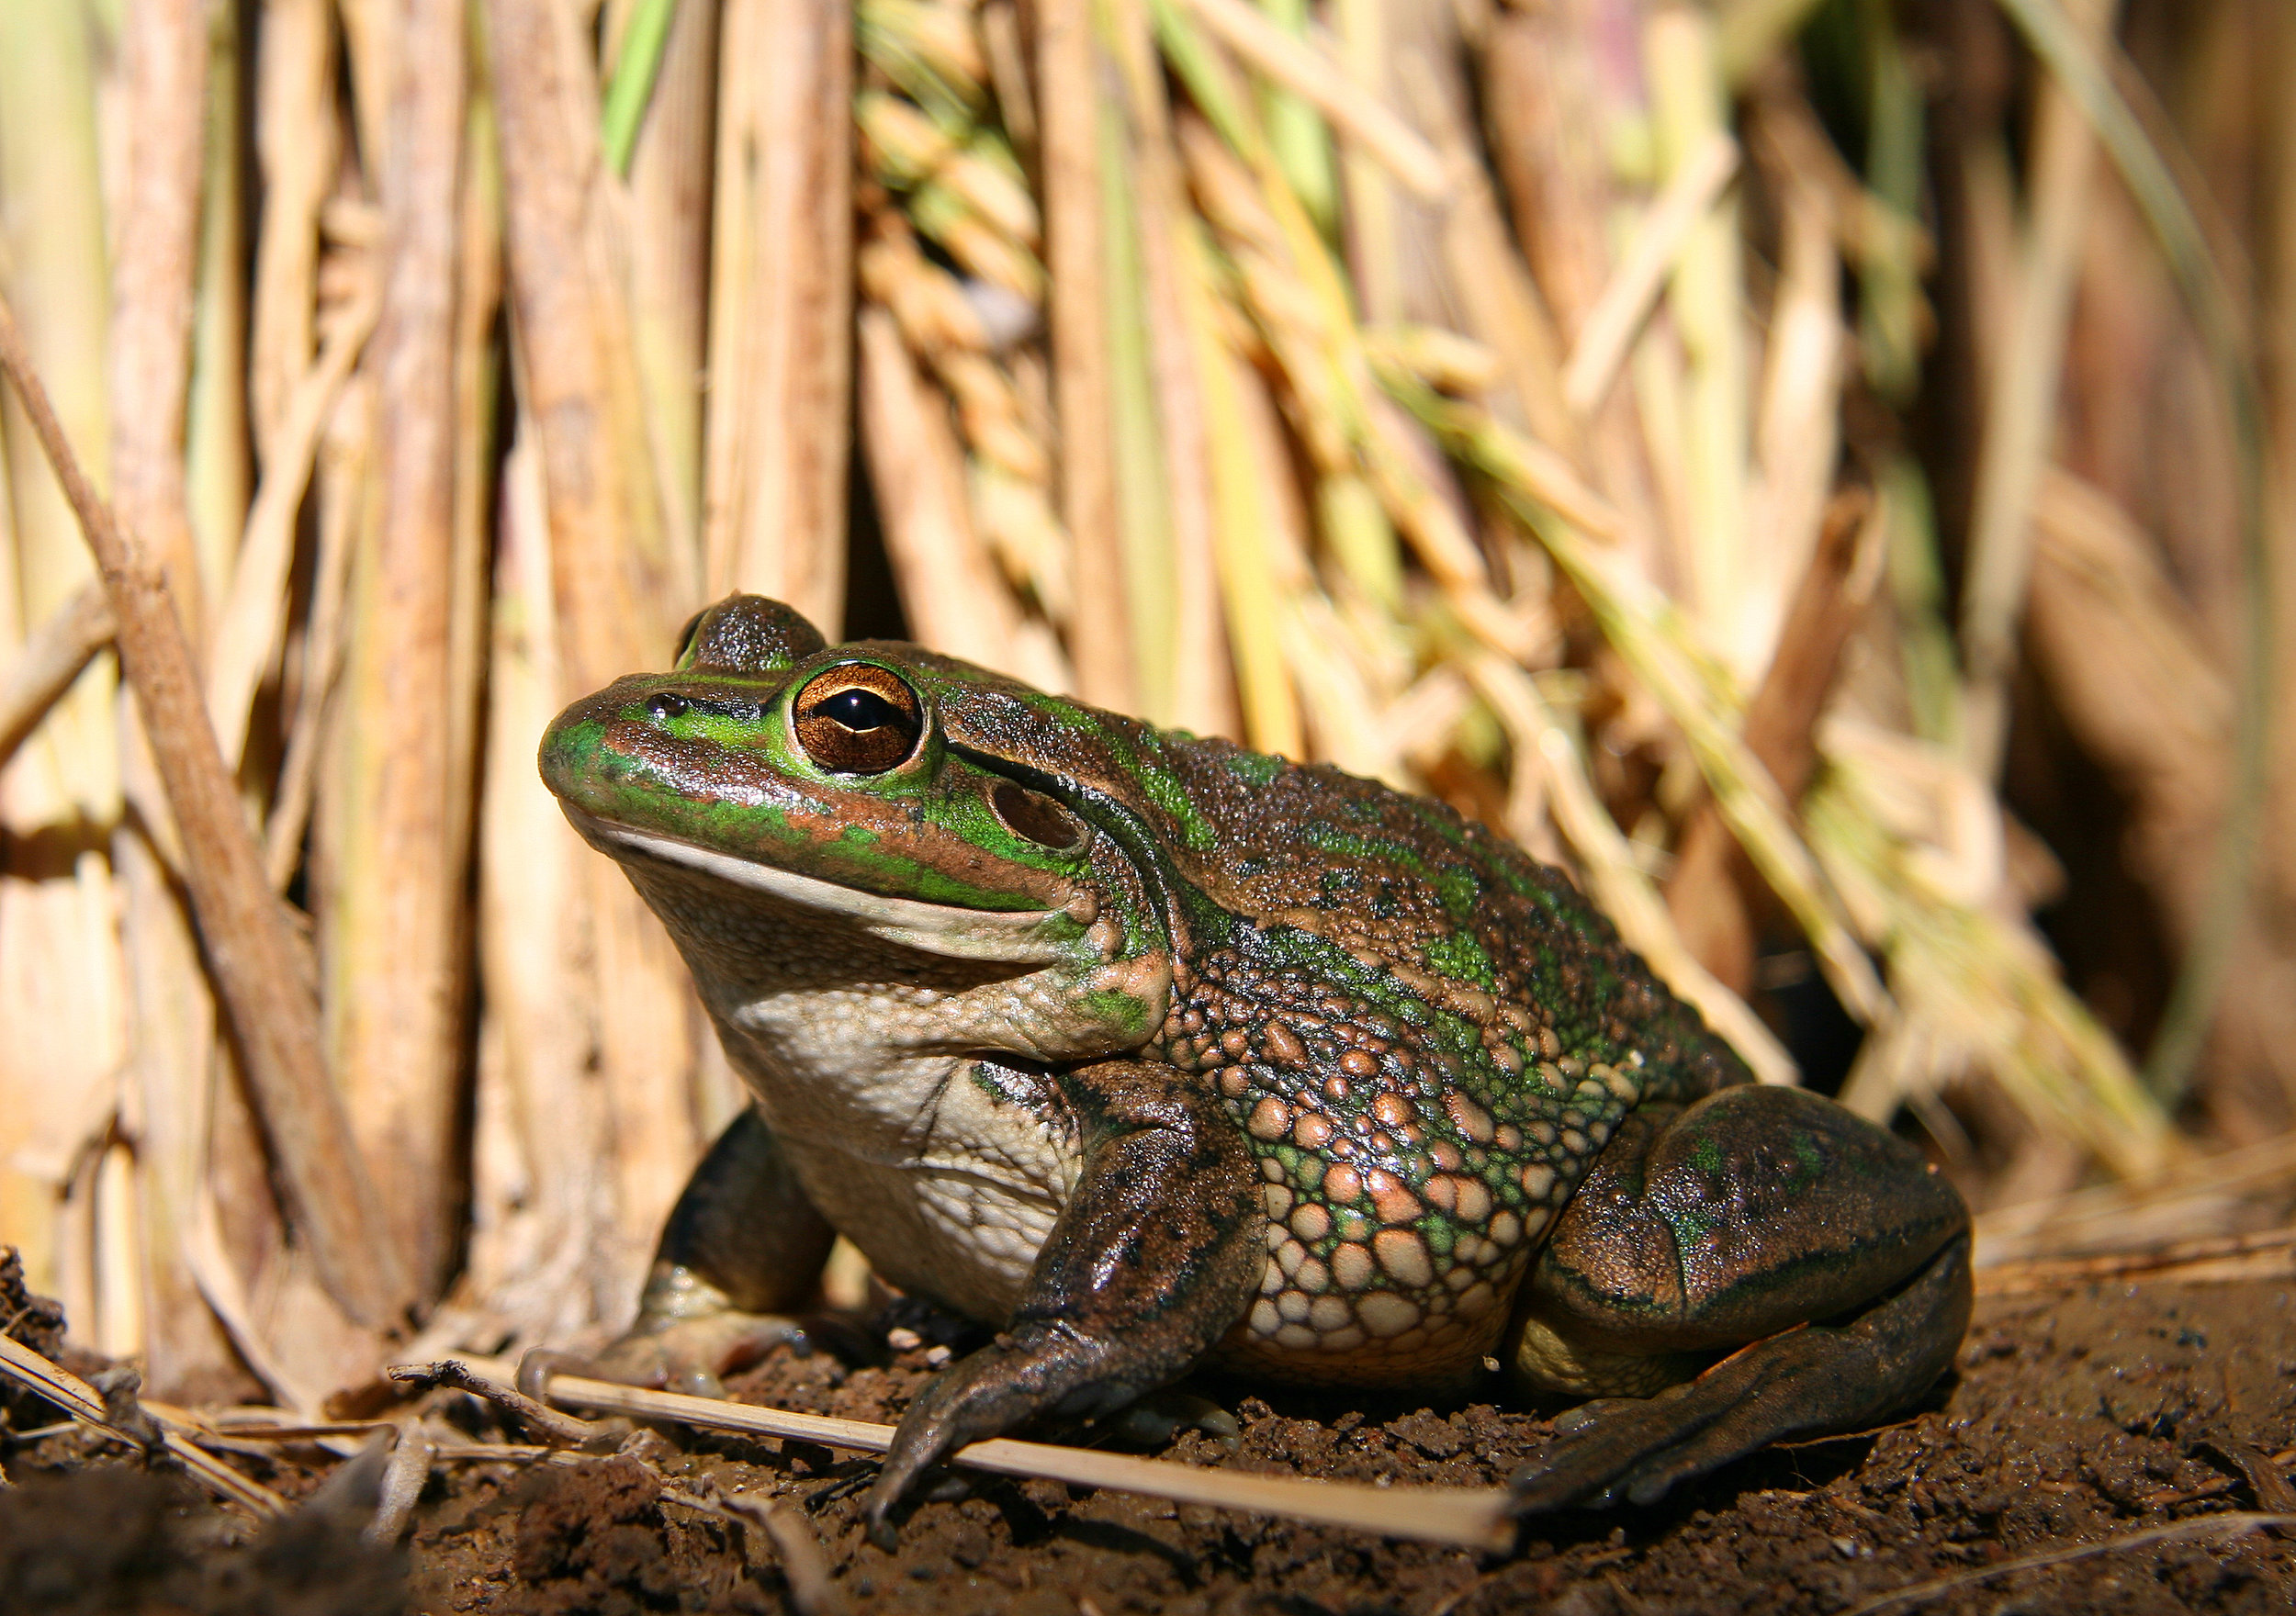 Southern Bell Frog Profile 5 MEG FILE DWebb.jpg